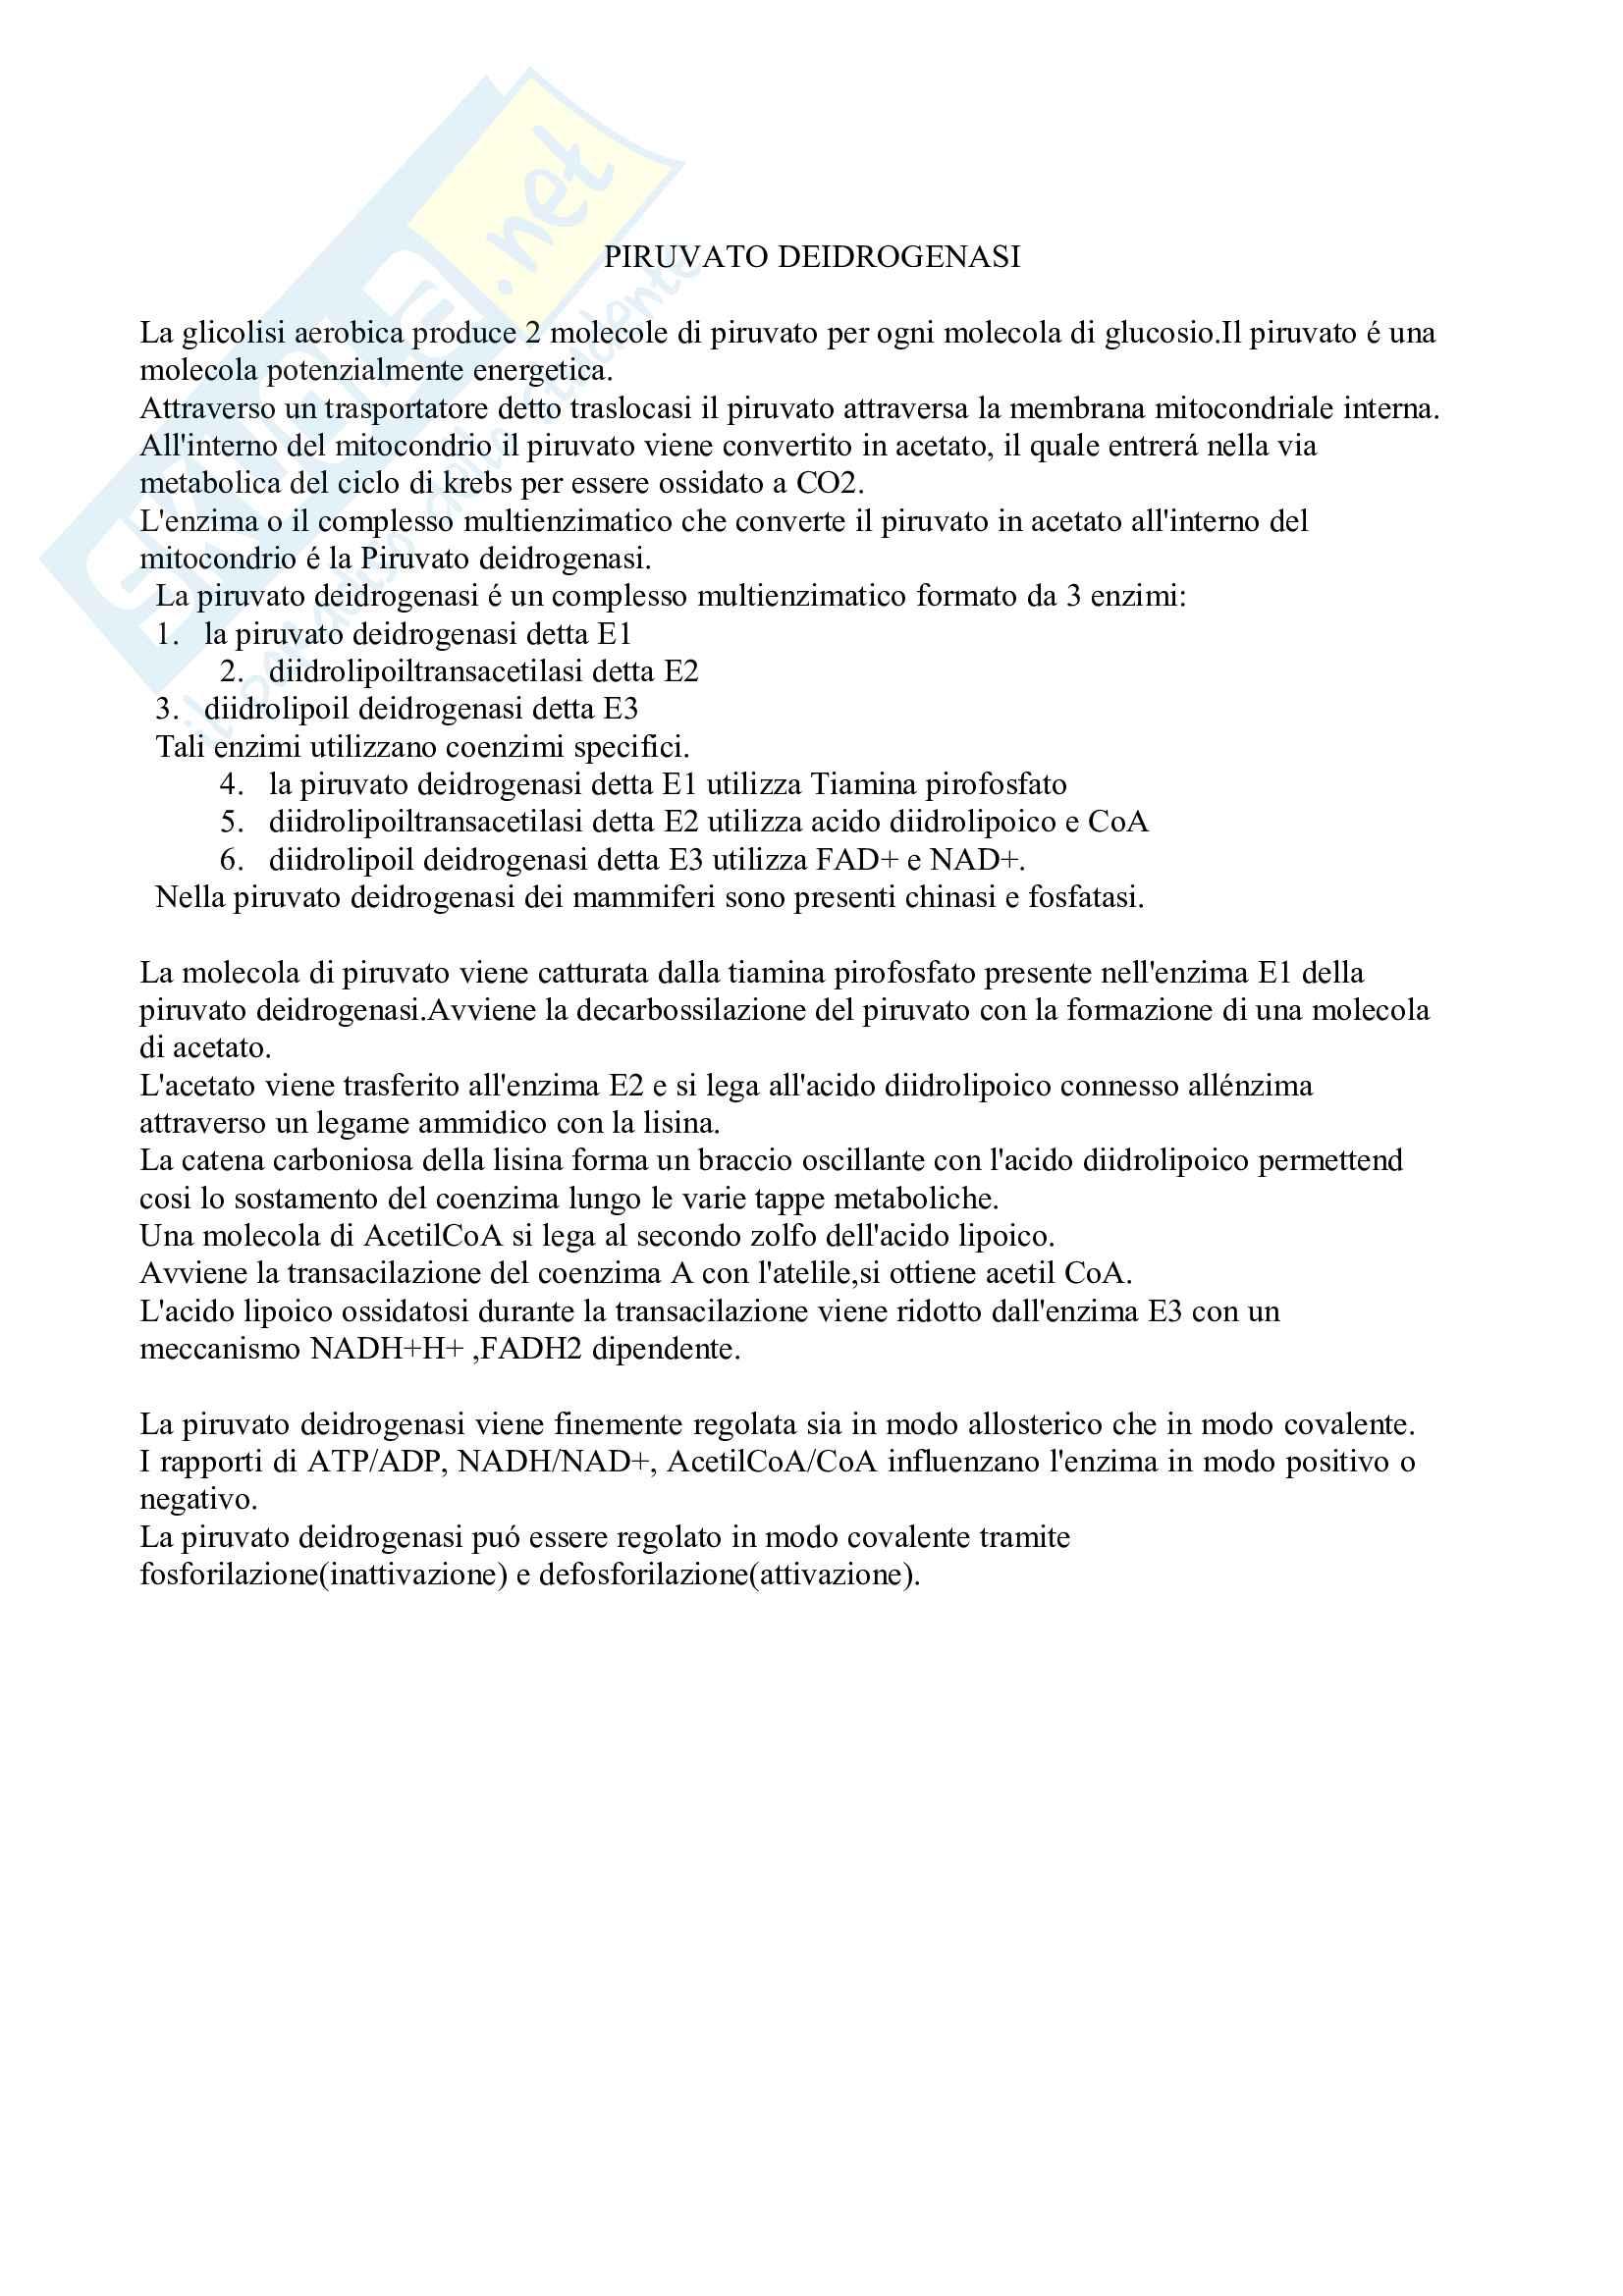 Biochimica Matabolica e funzionale Pag. 6